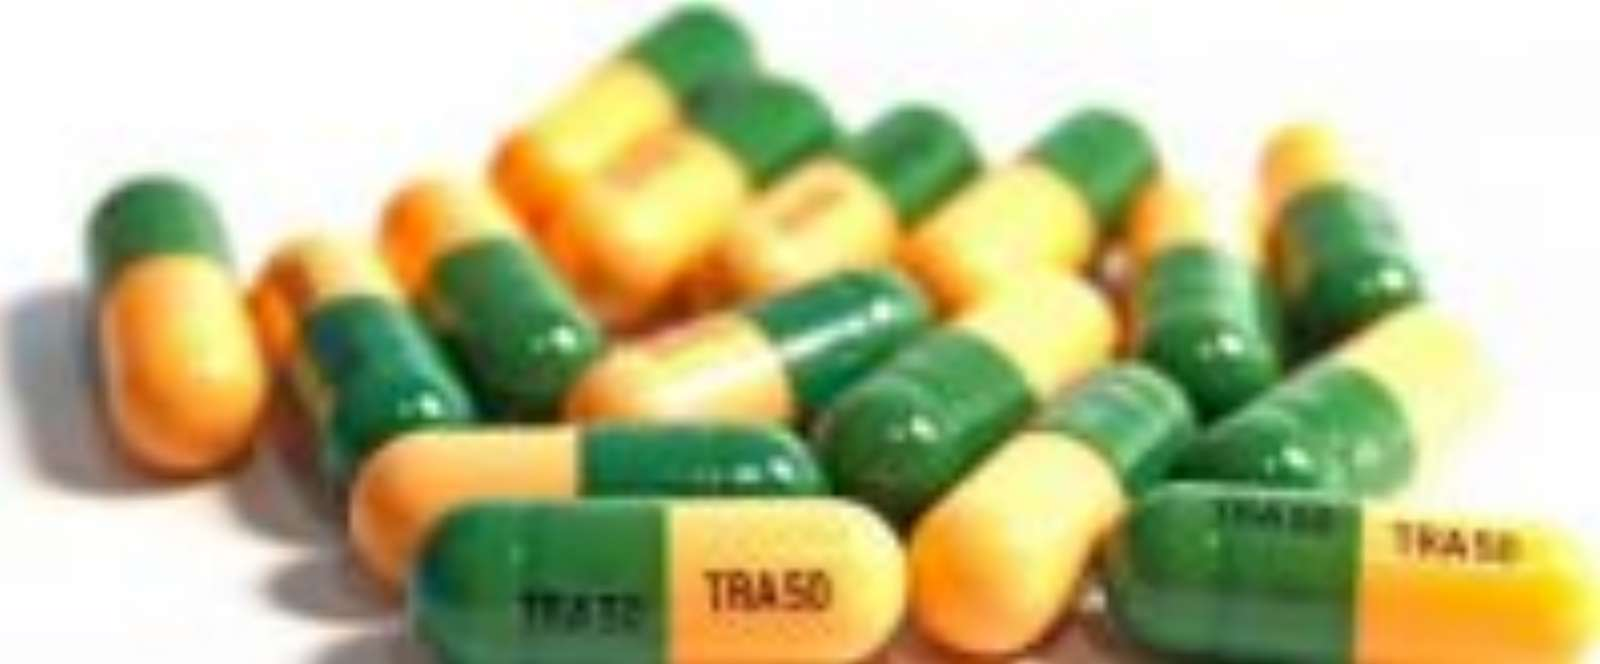 Santé-Médecine-dépendances